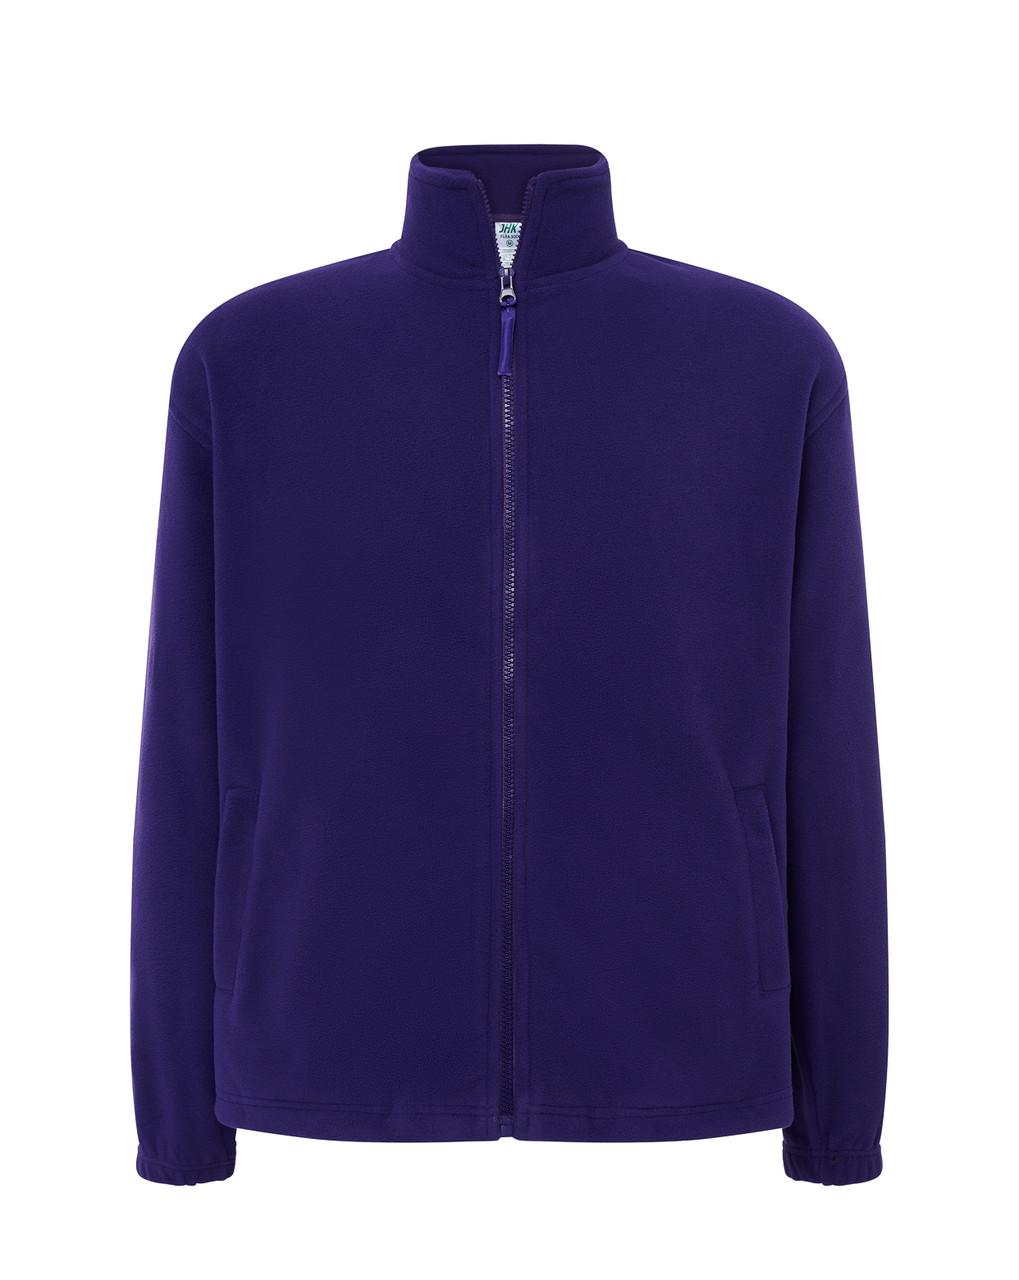 Мужская флисовая кофта JHK POLAR FLEECE MAN цвет фиолетовый (PU)